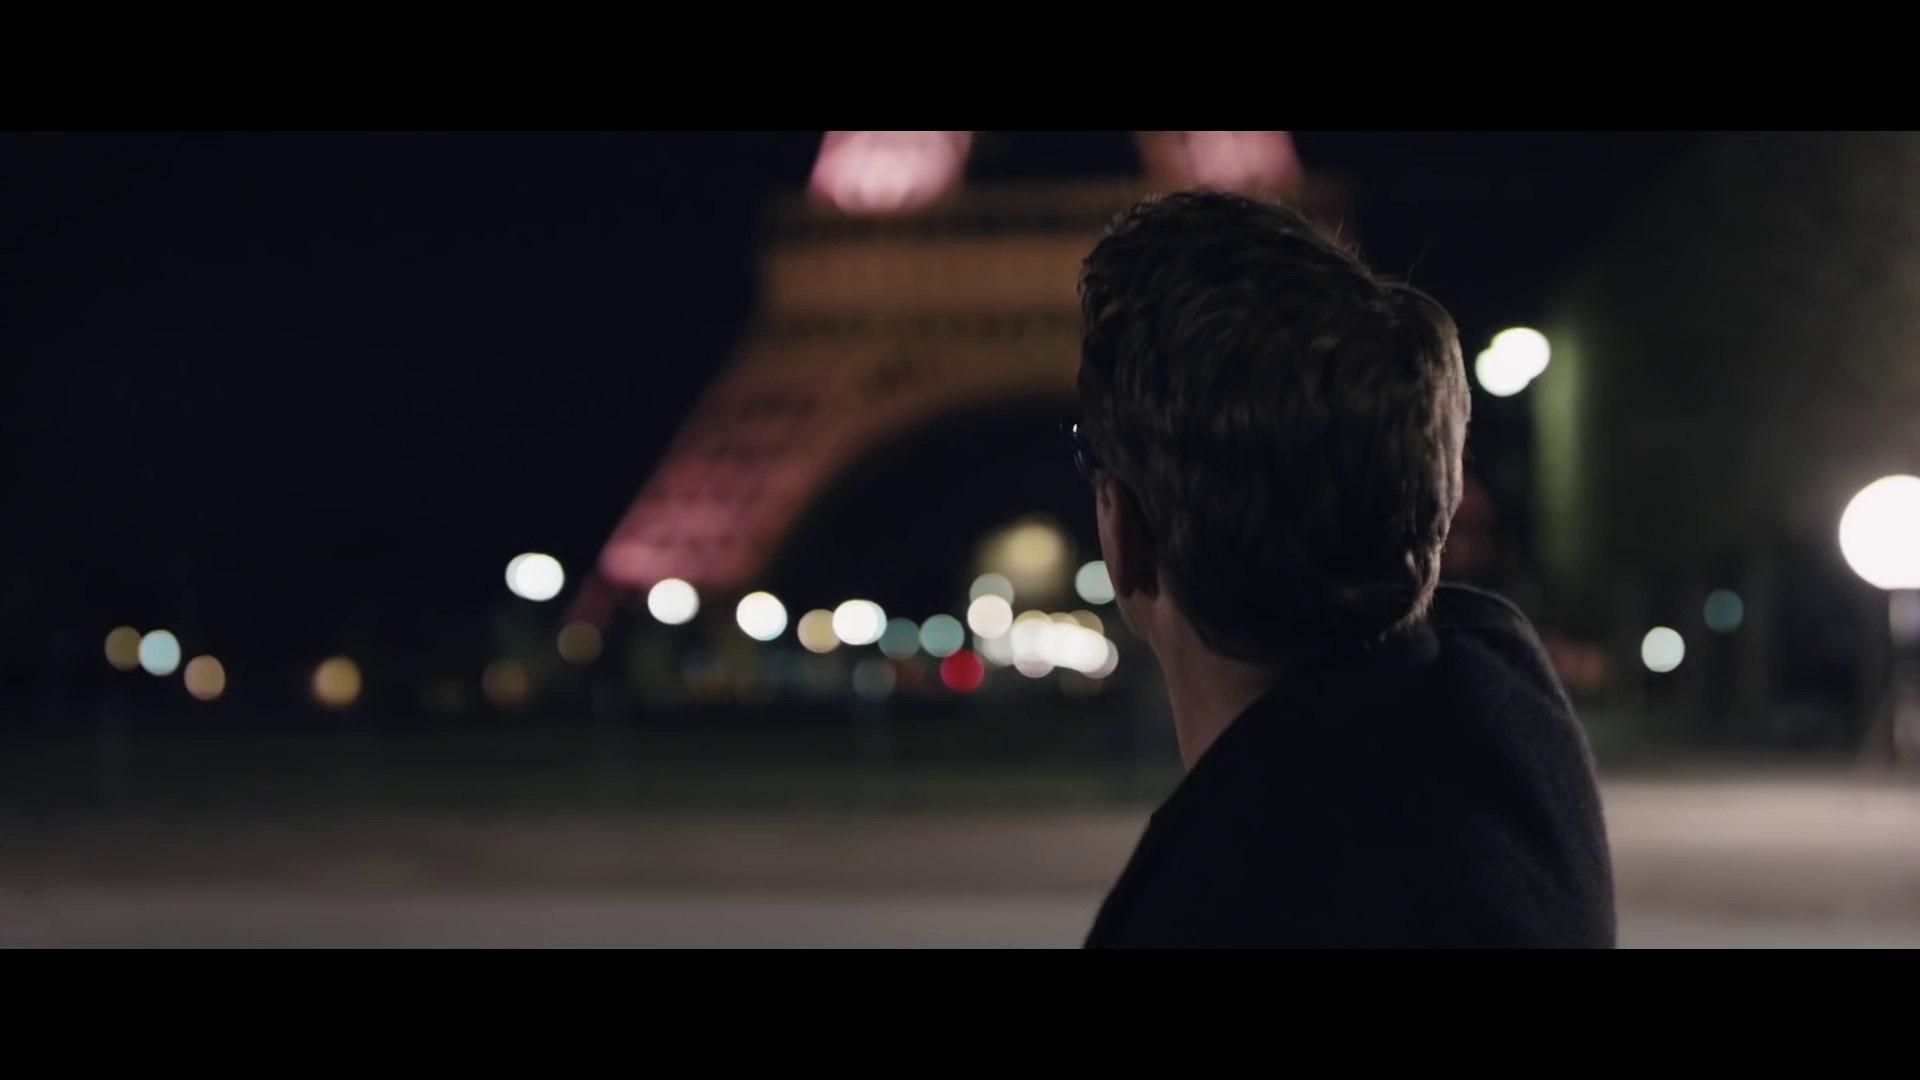 Iron Man prend la Tour Eiffel d'assault de nuit à Paris ! Captain America 3